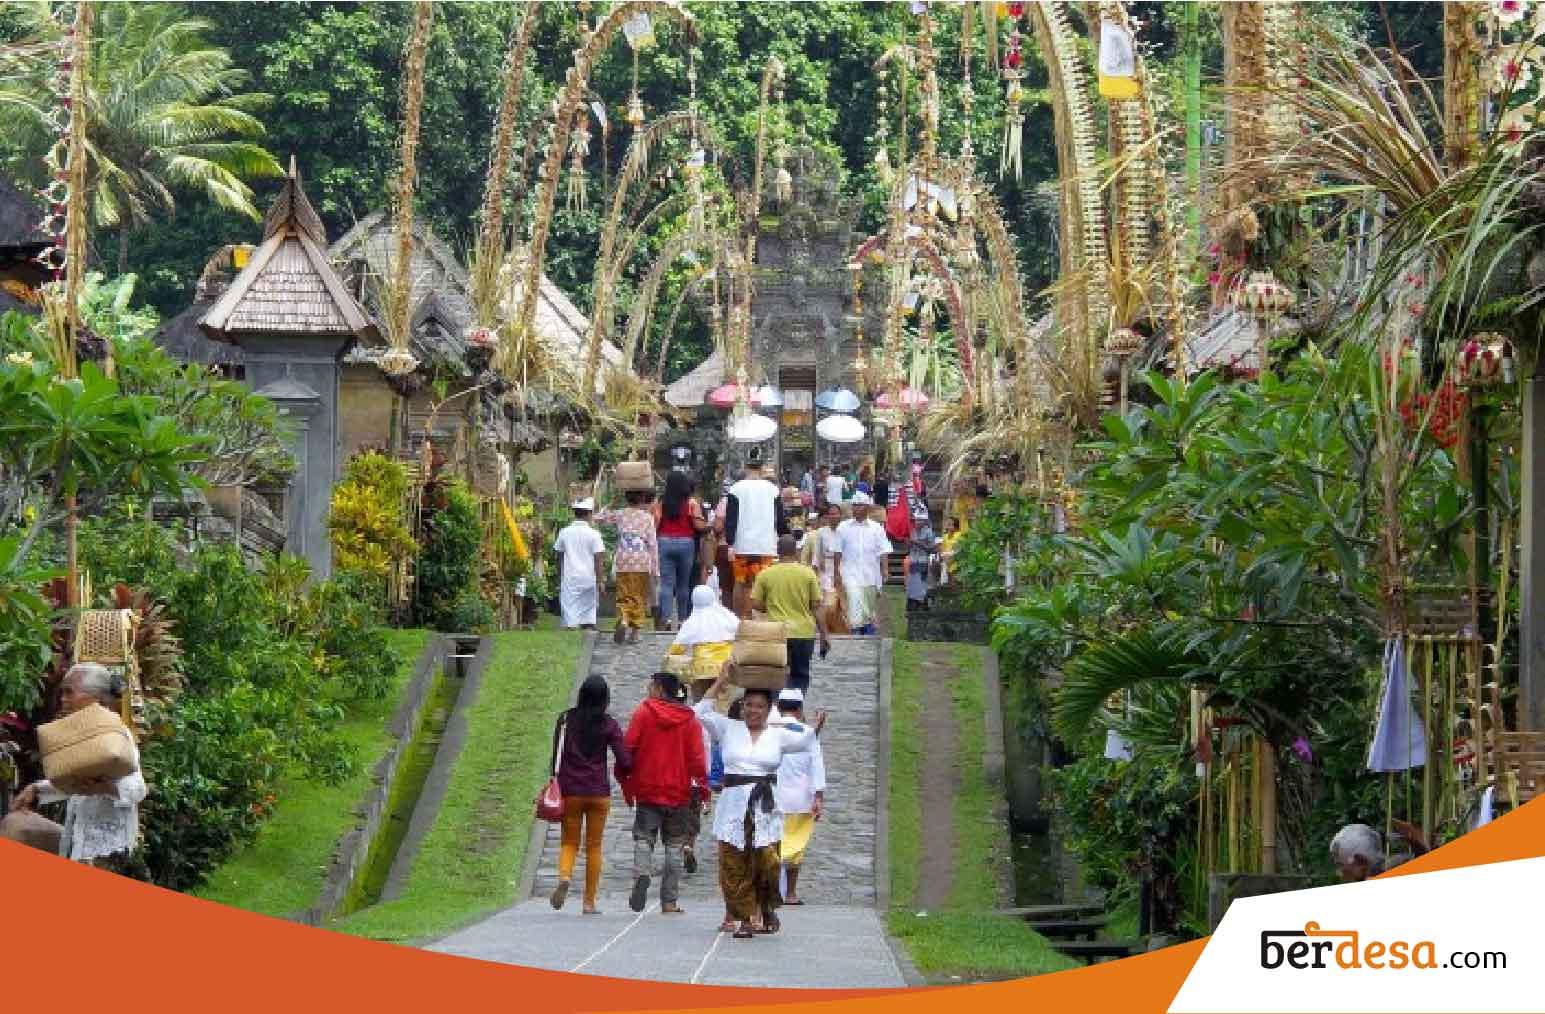 Informasi Lengkap Seputar Desa Wisata Penglipuran Ubud Berdesa